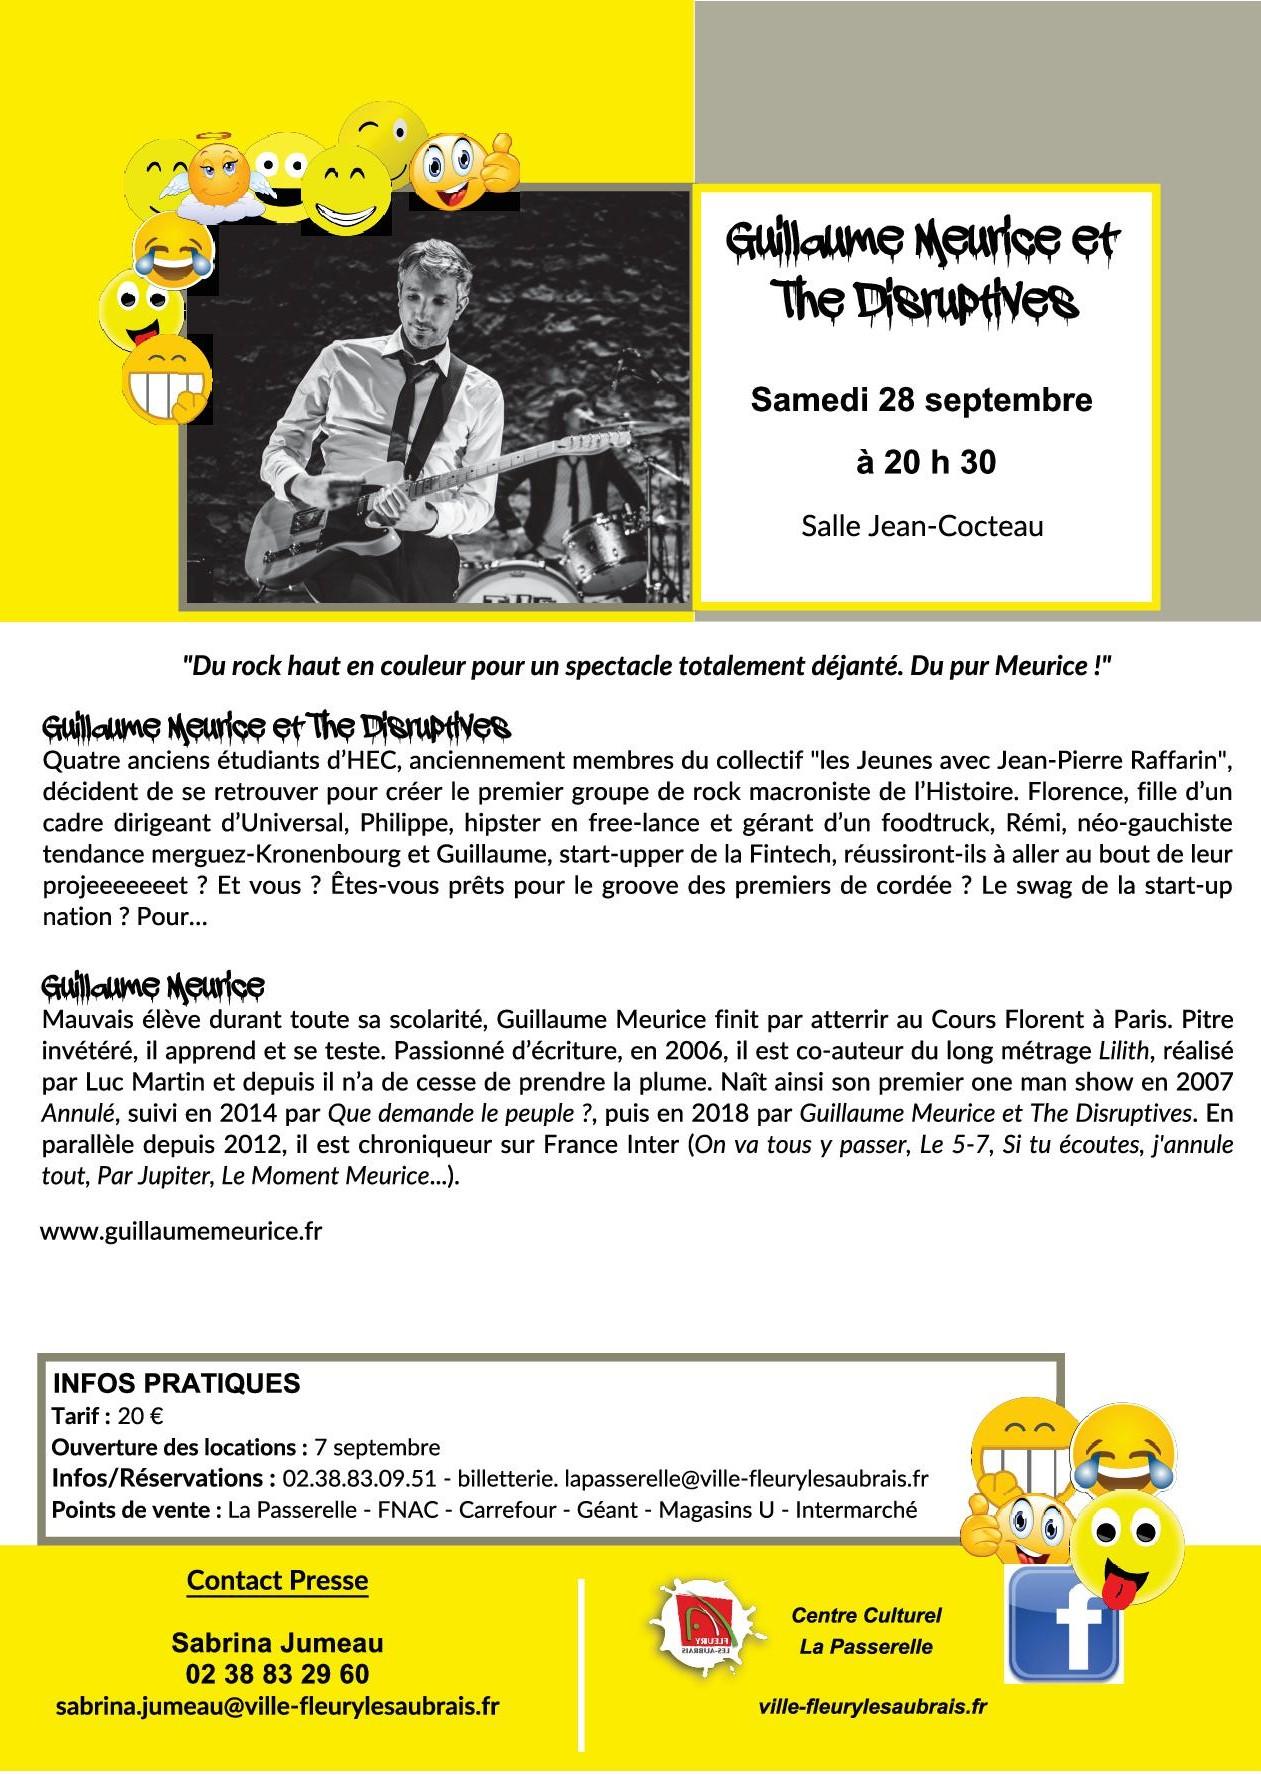 Guillaume Meurice et The Disruptives - 28 septembre.jpg